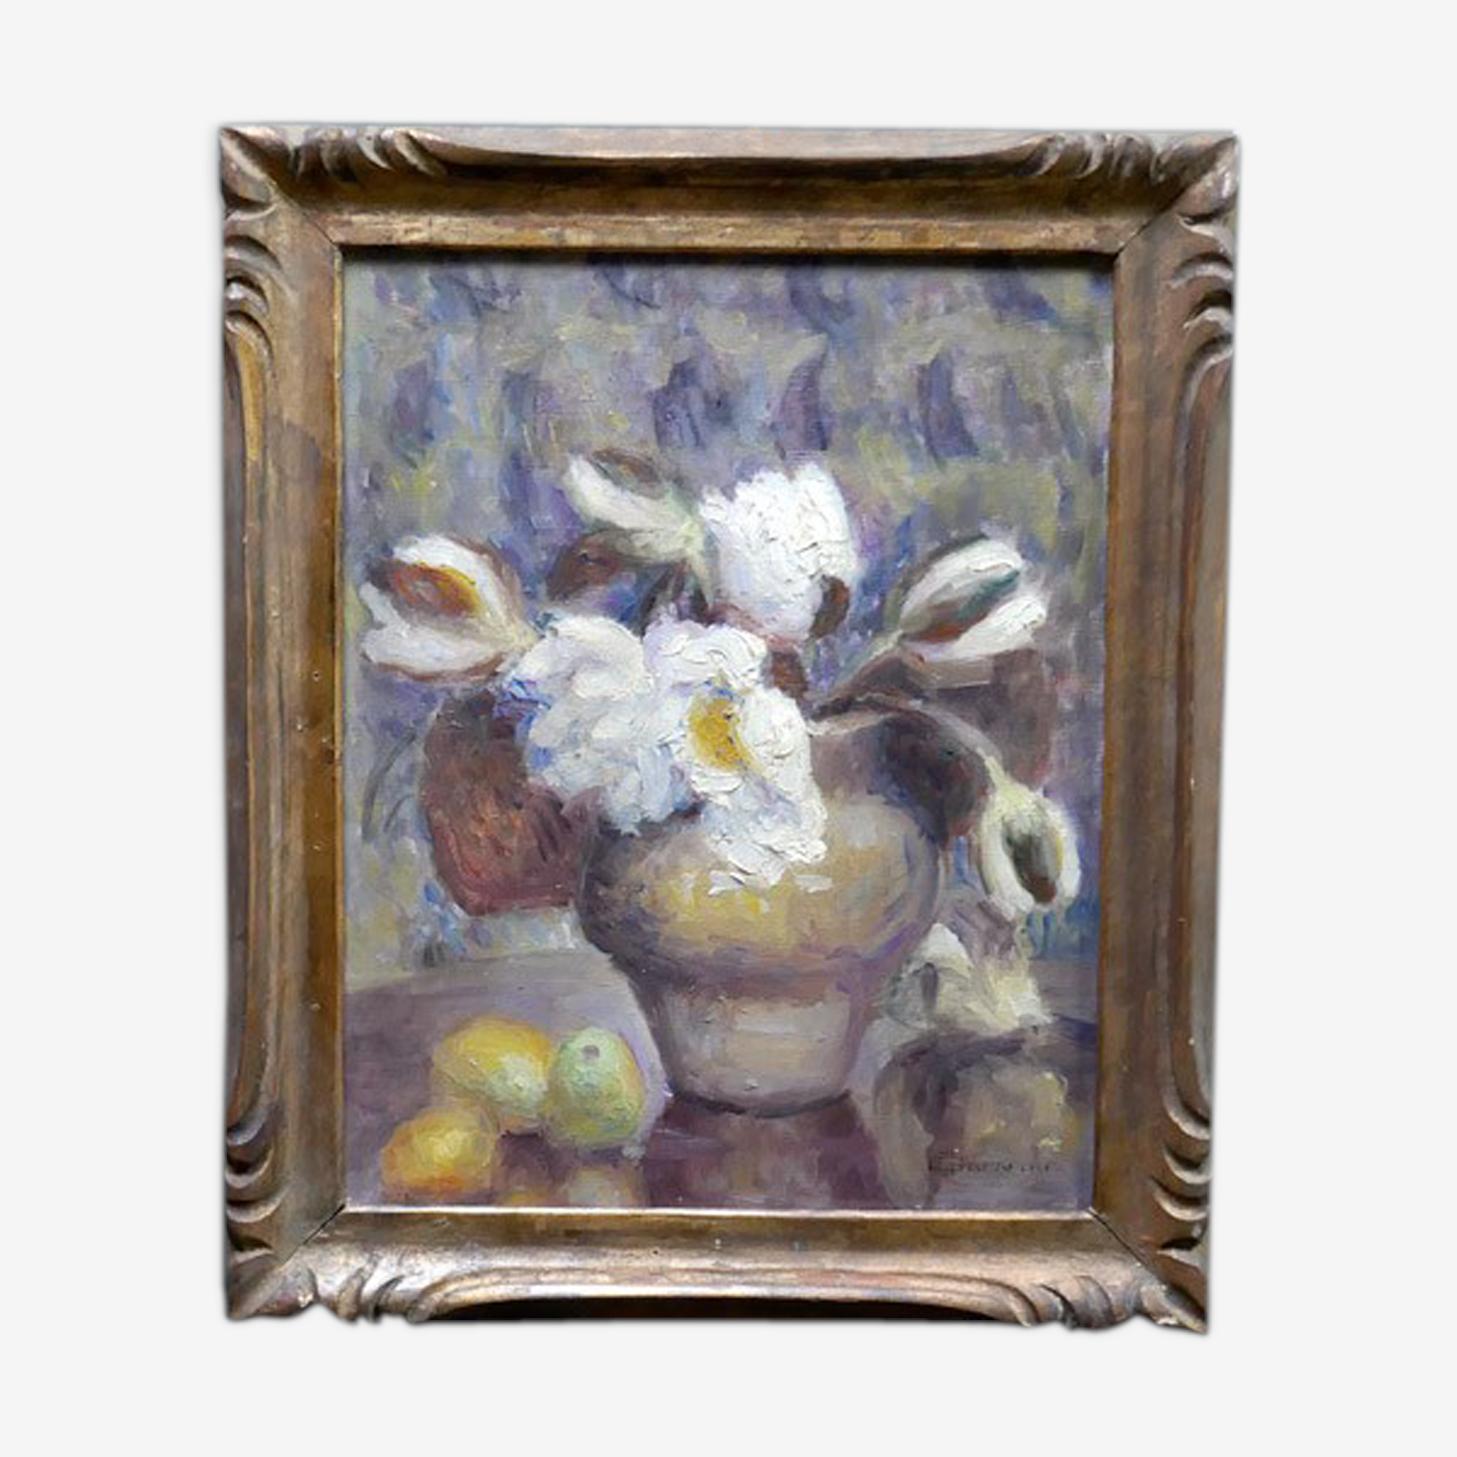 Tableau nature morte composition florale avec fruits huile sur toile signé G.Grenthe